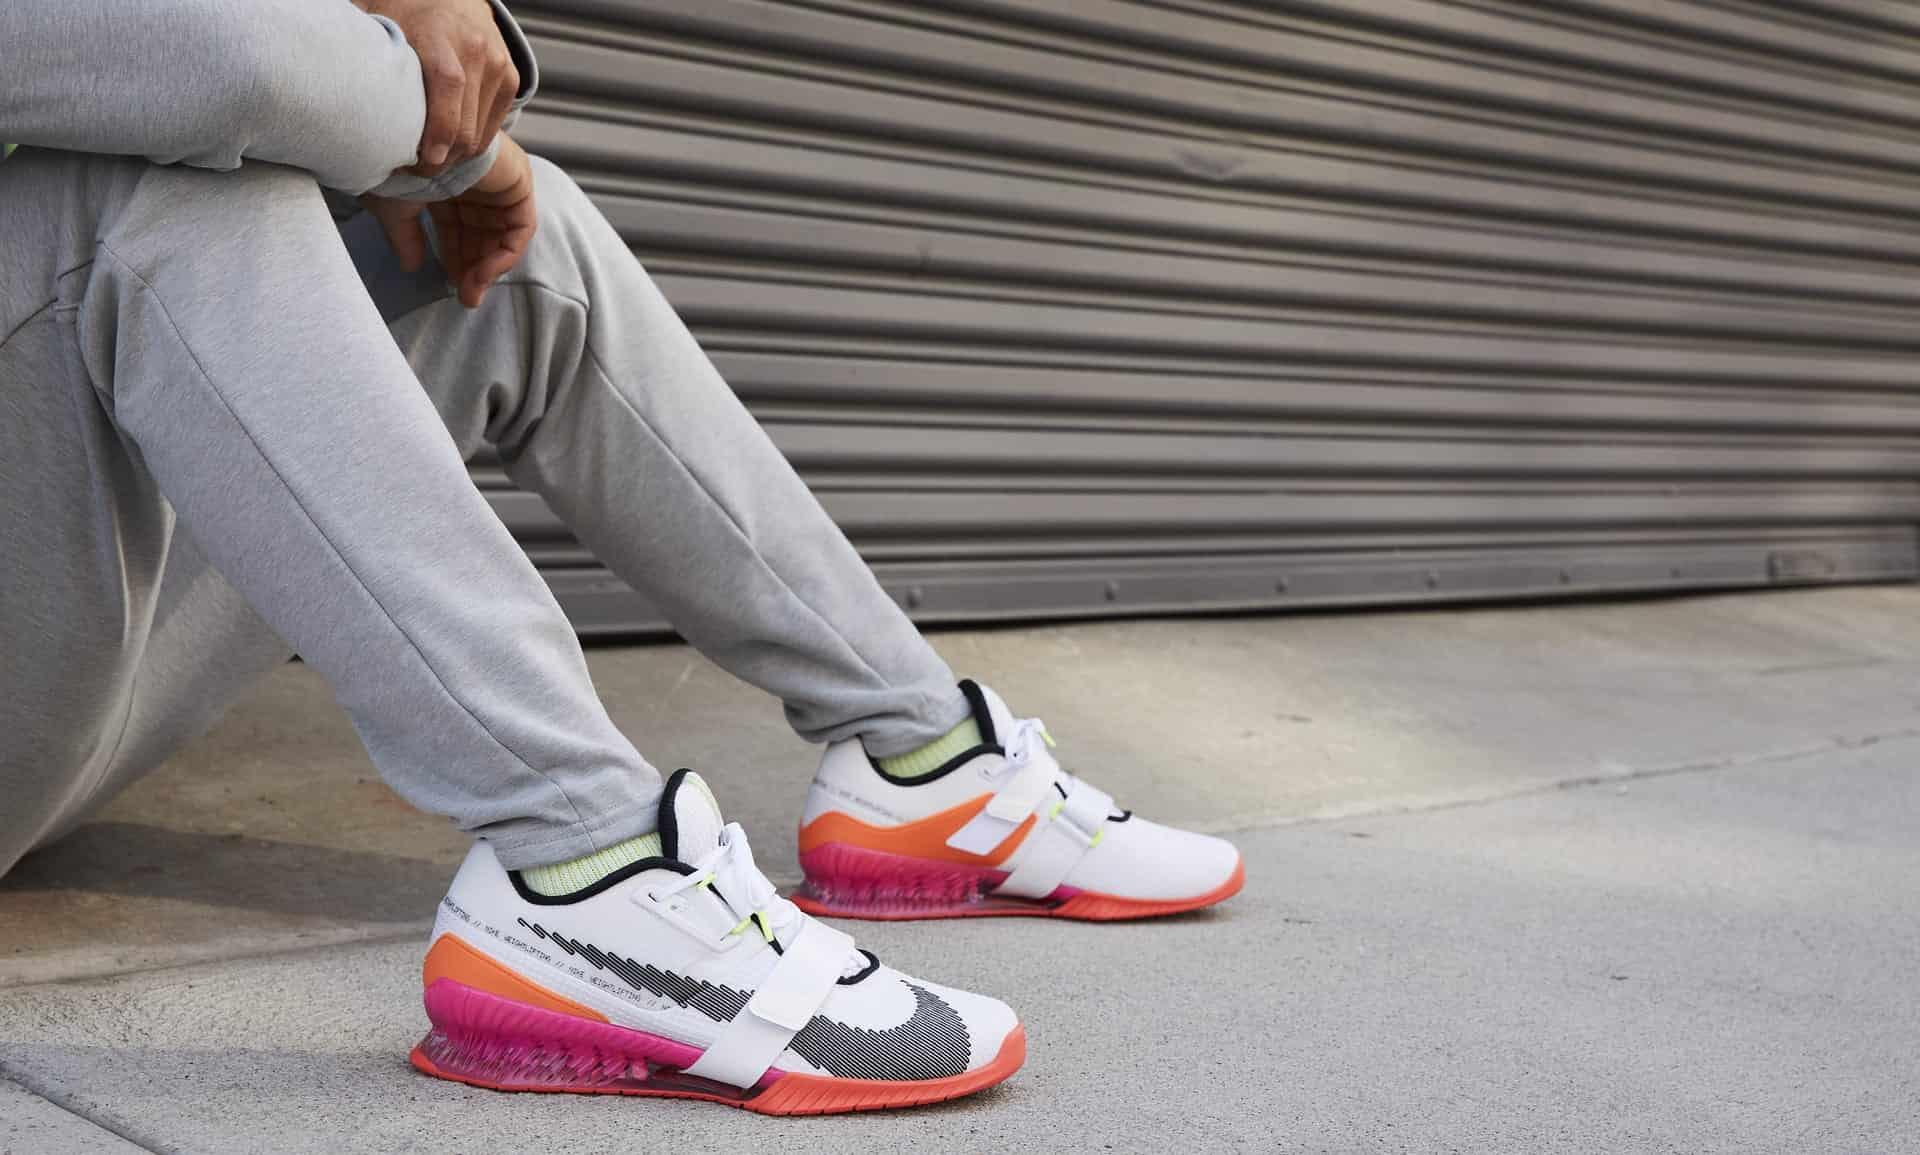 Nike Romaleos 4 SE worn